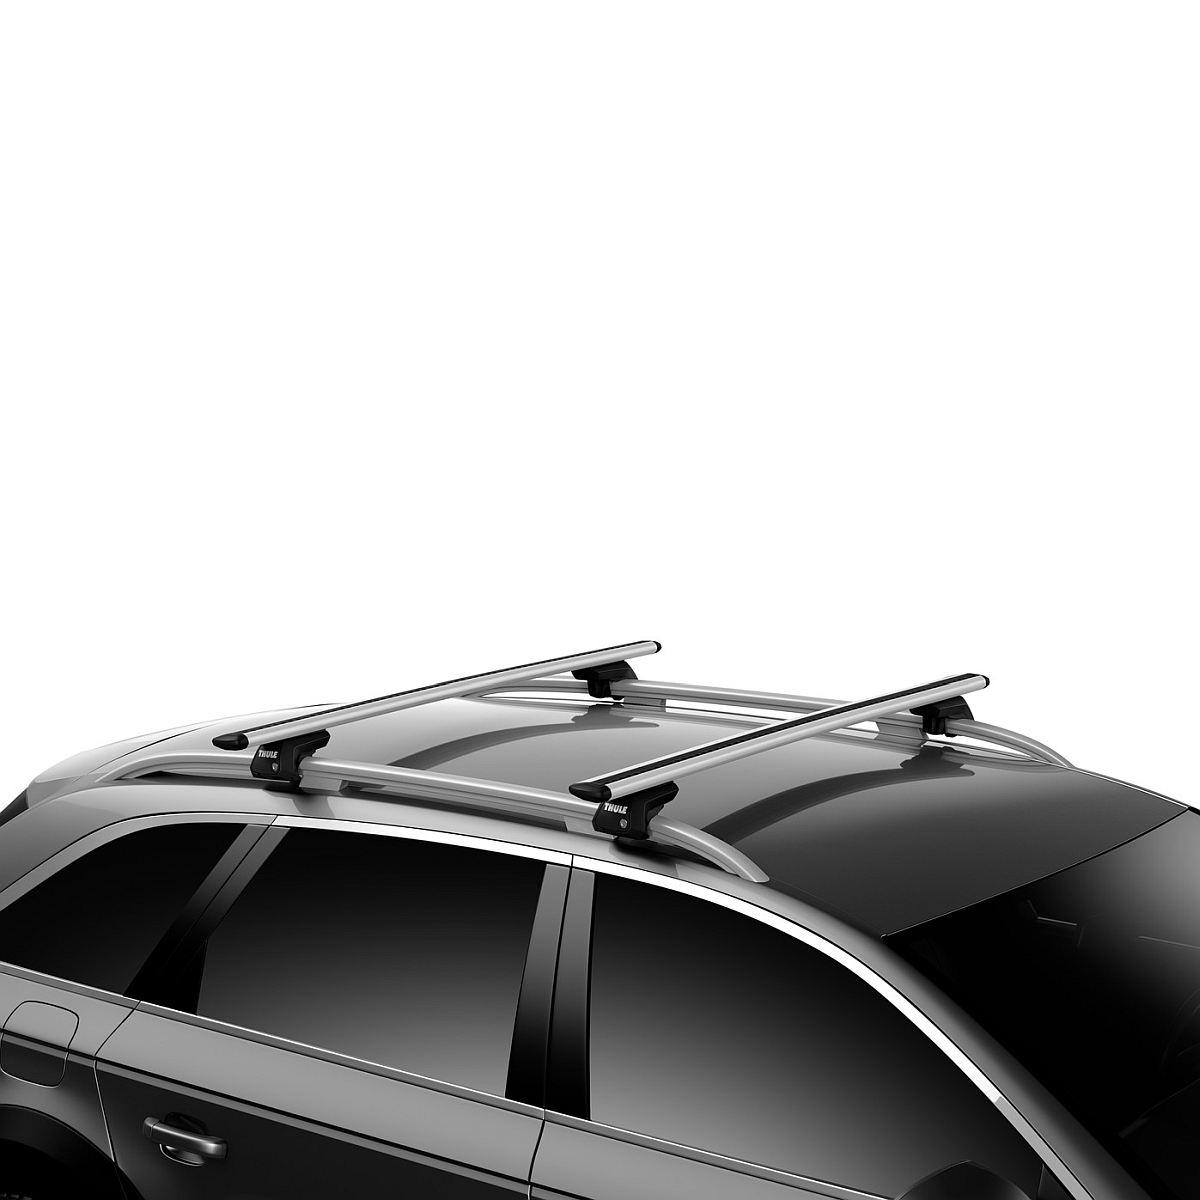 Напречни греди Thule Evo Raised Rail WingBar Evo 127cm за FIAT Stilo Multiwagon 5 врати Estate 02-07 с фабрични надлъжни греди с просвет 3